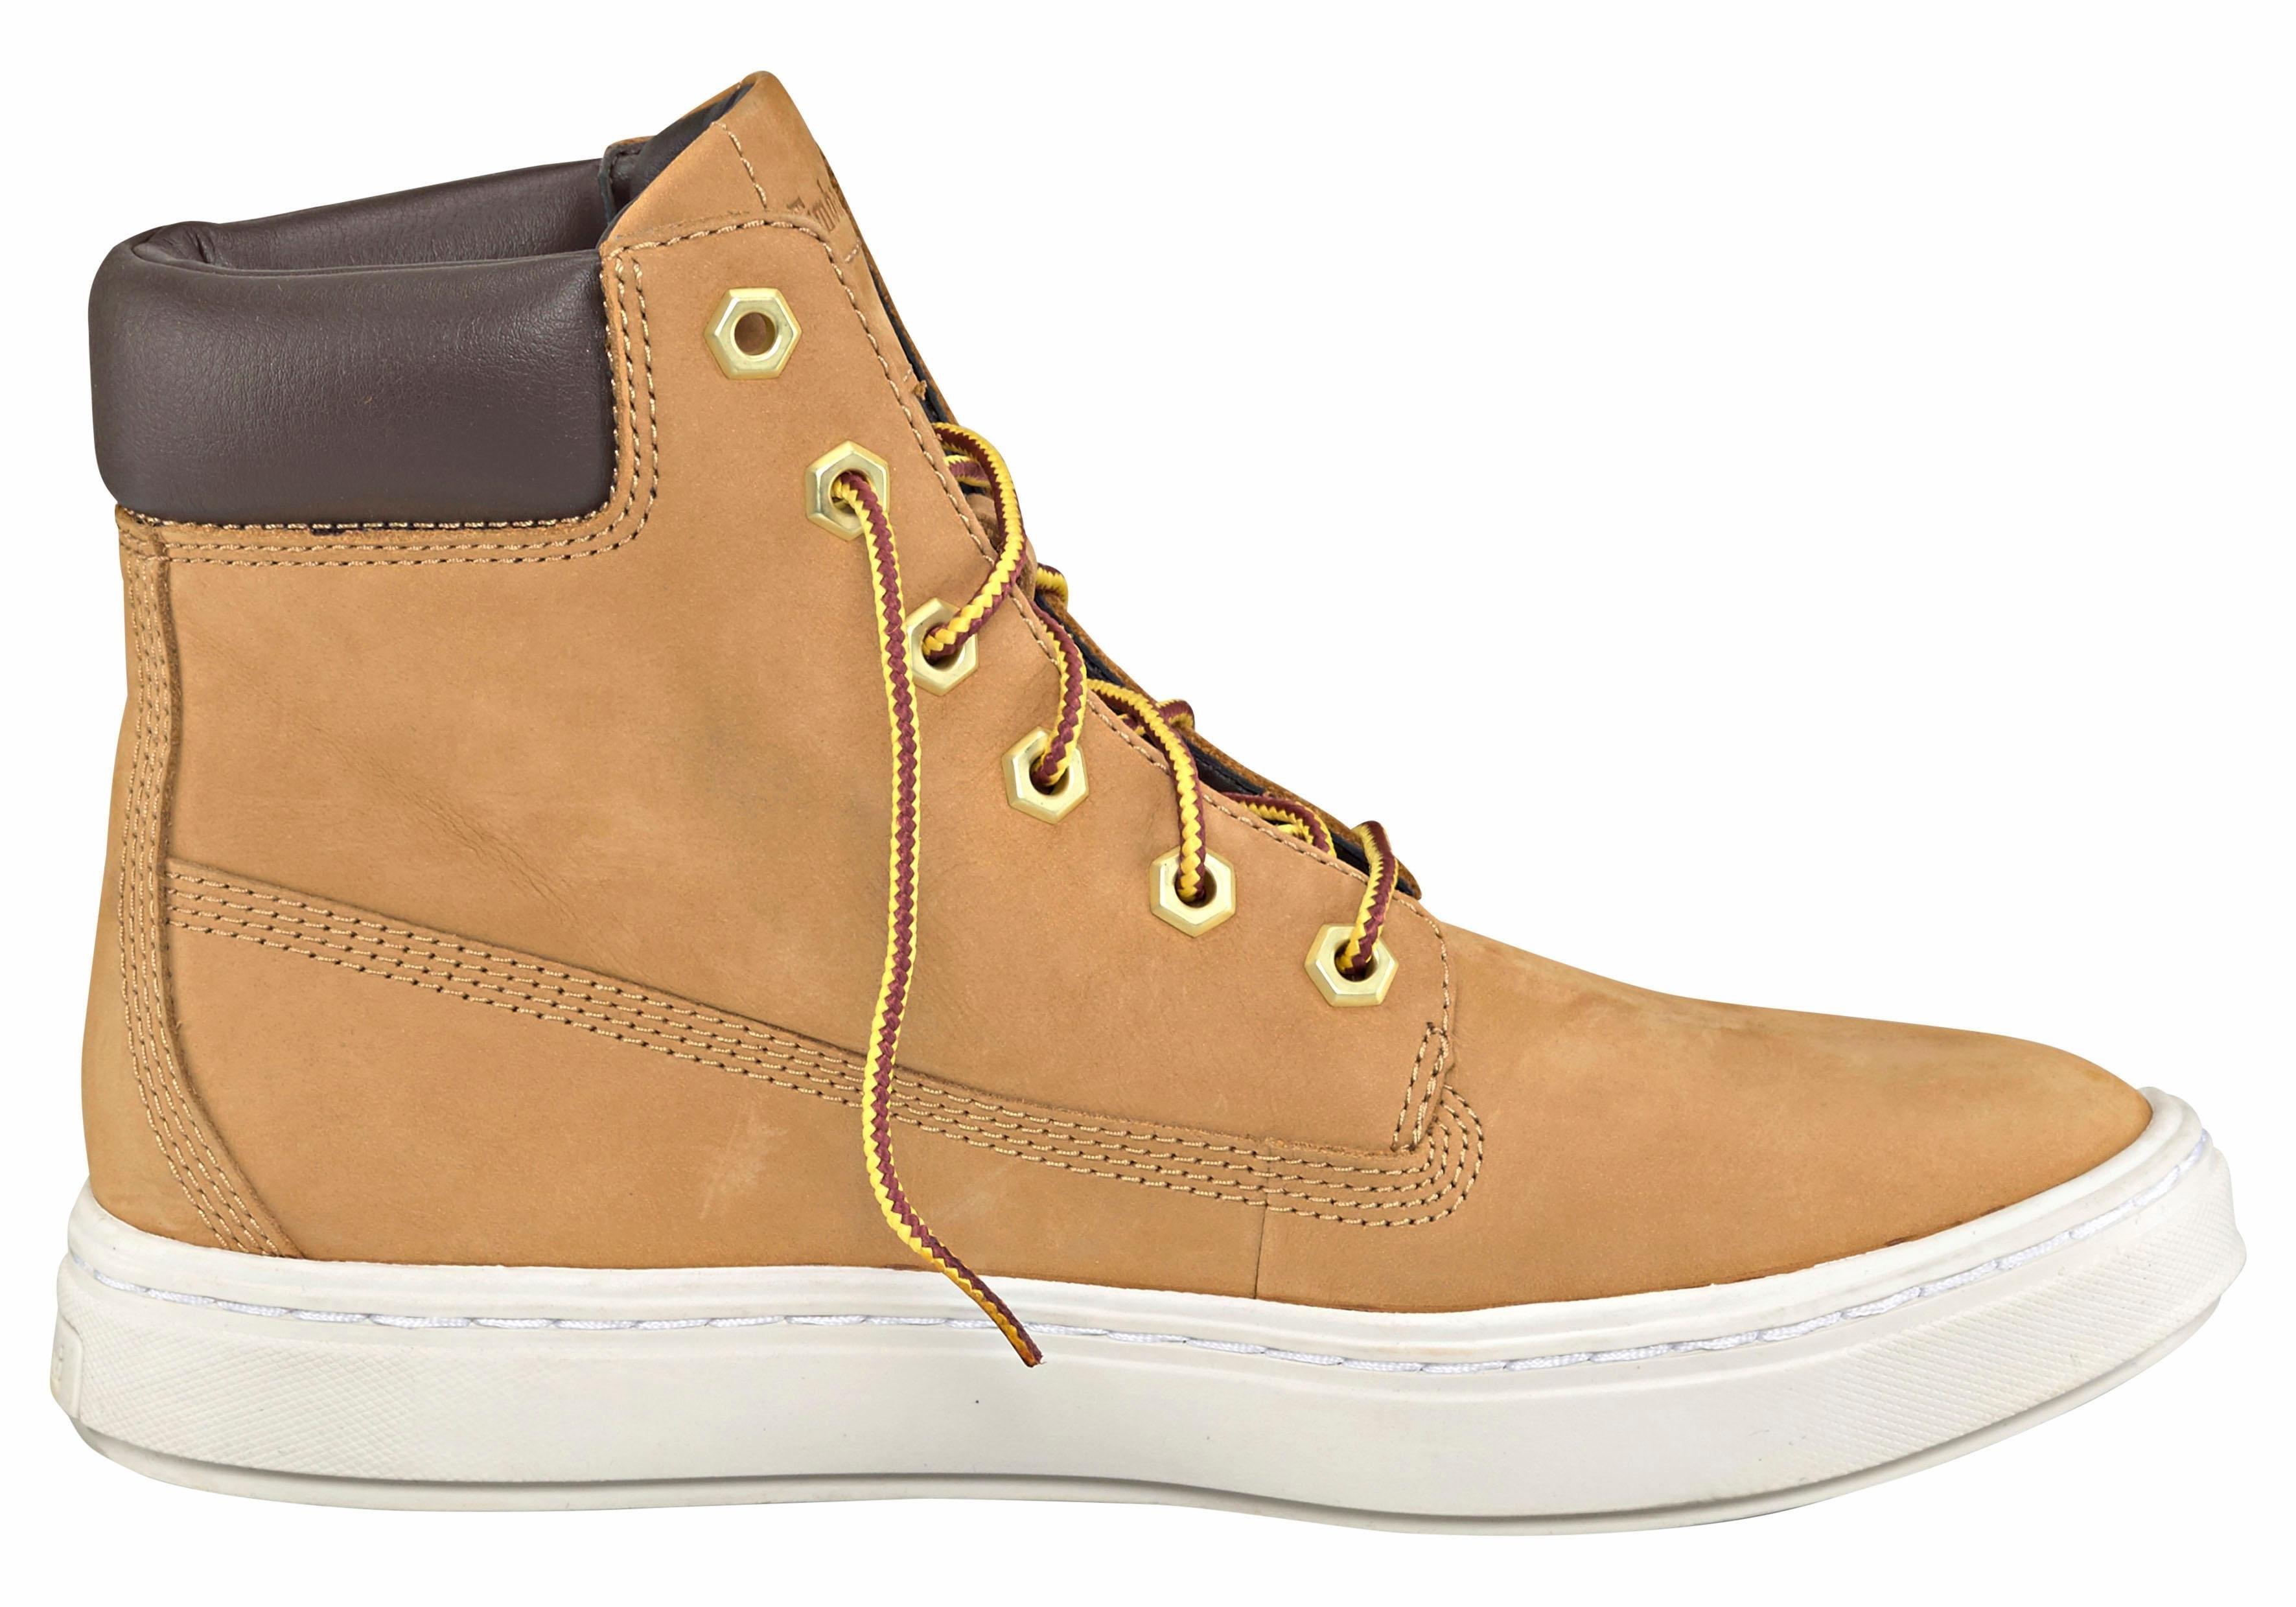 Sneakerslondyn 6 Koop Je W Inch Bij Timberland dCsrtQxh